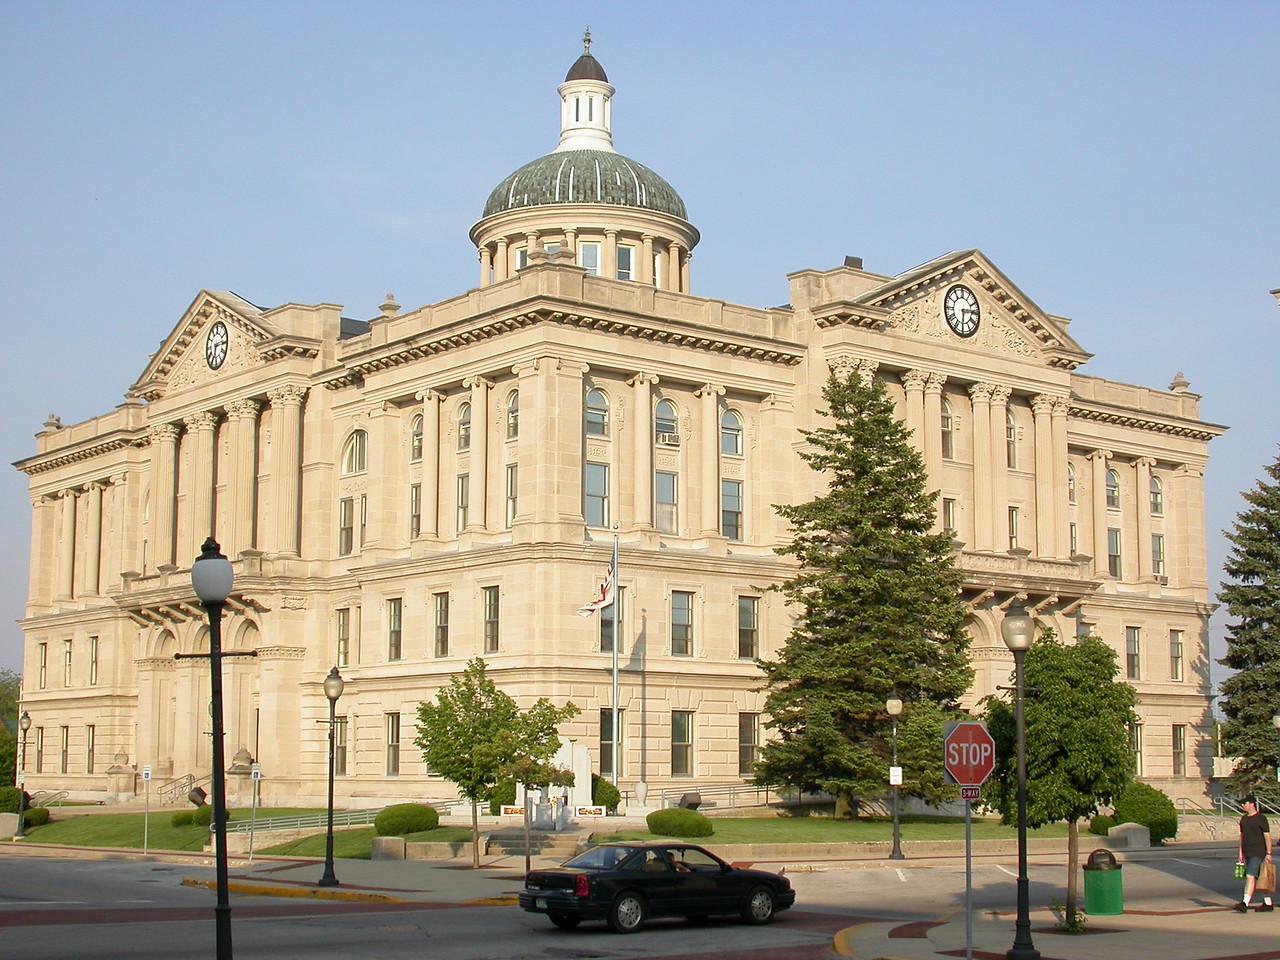 Huntington County Courthouse, Huntington, Indiana, May 2004.